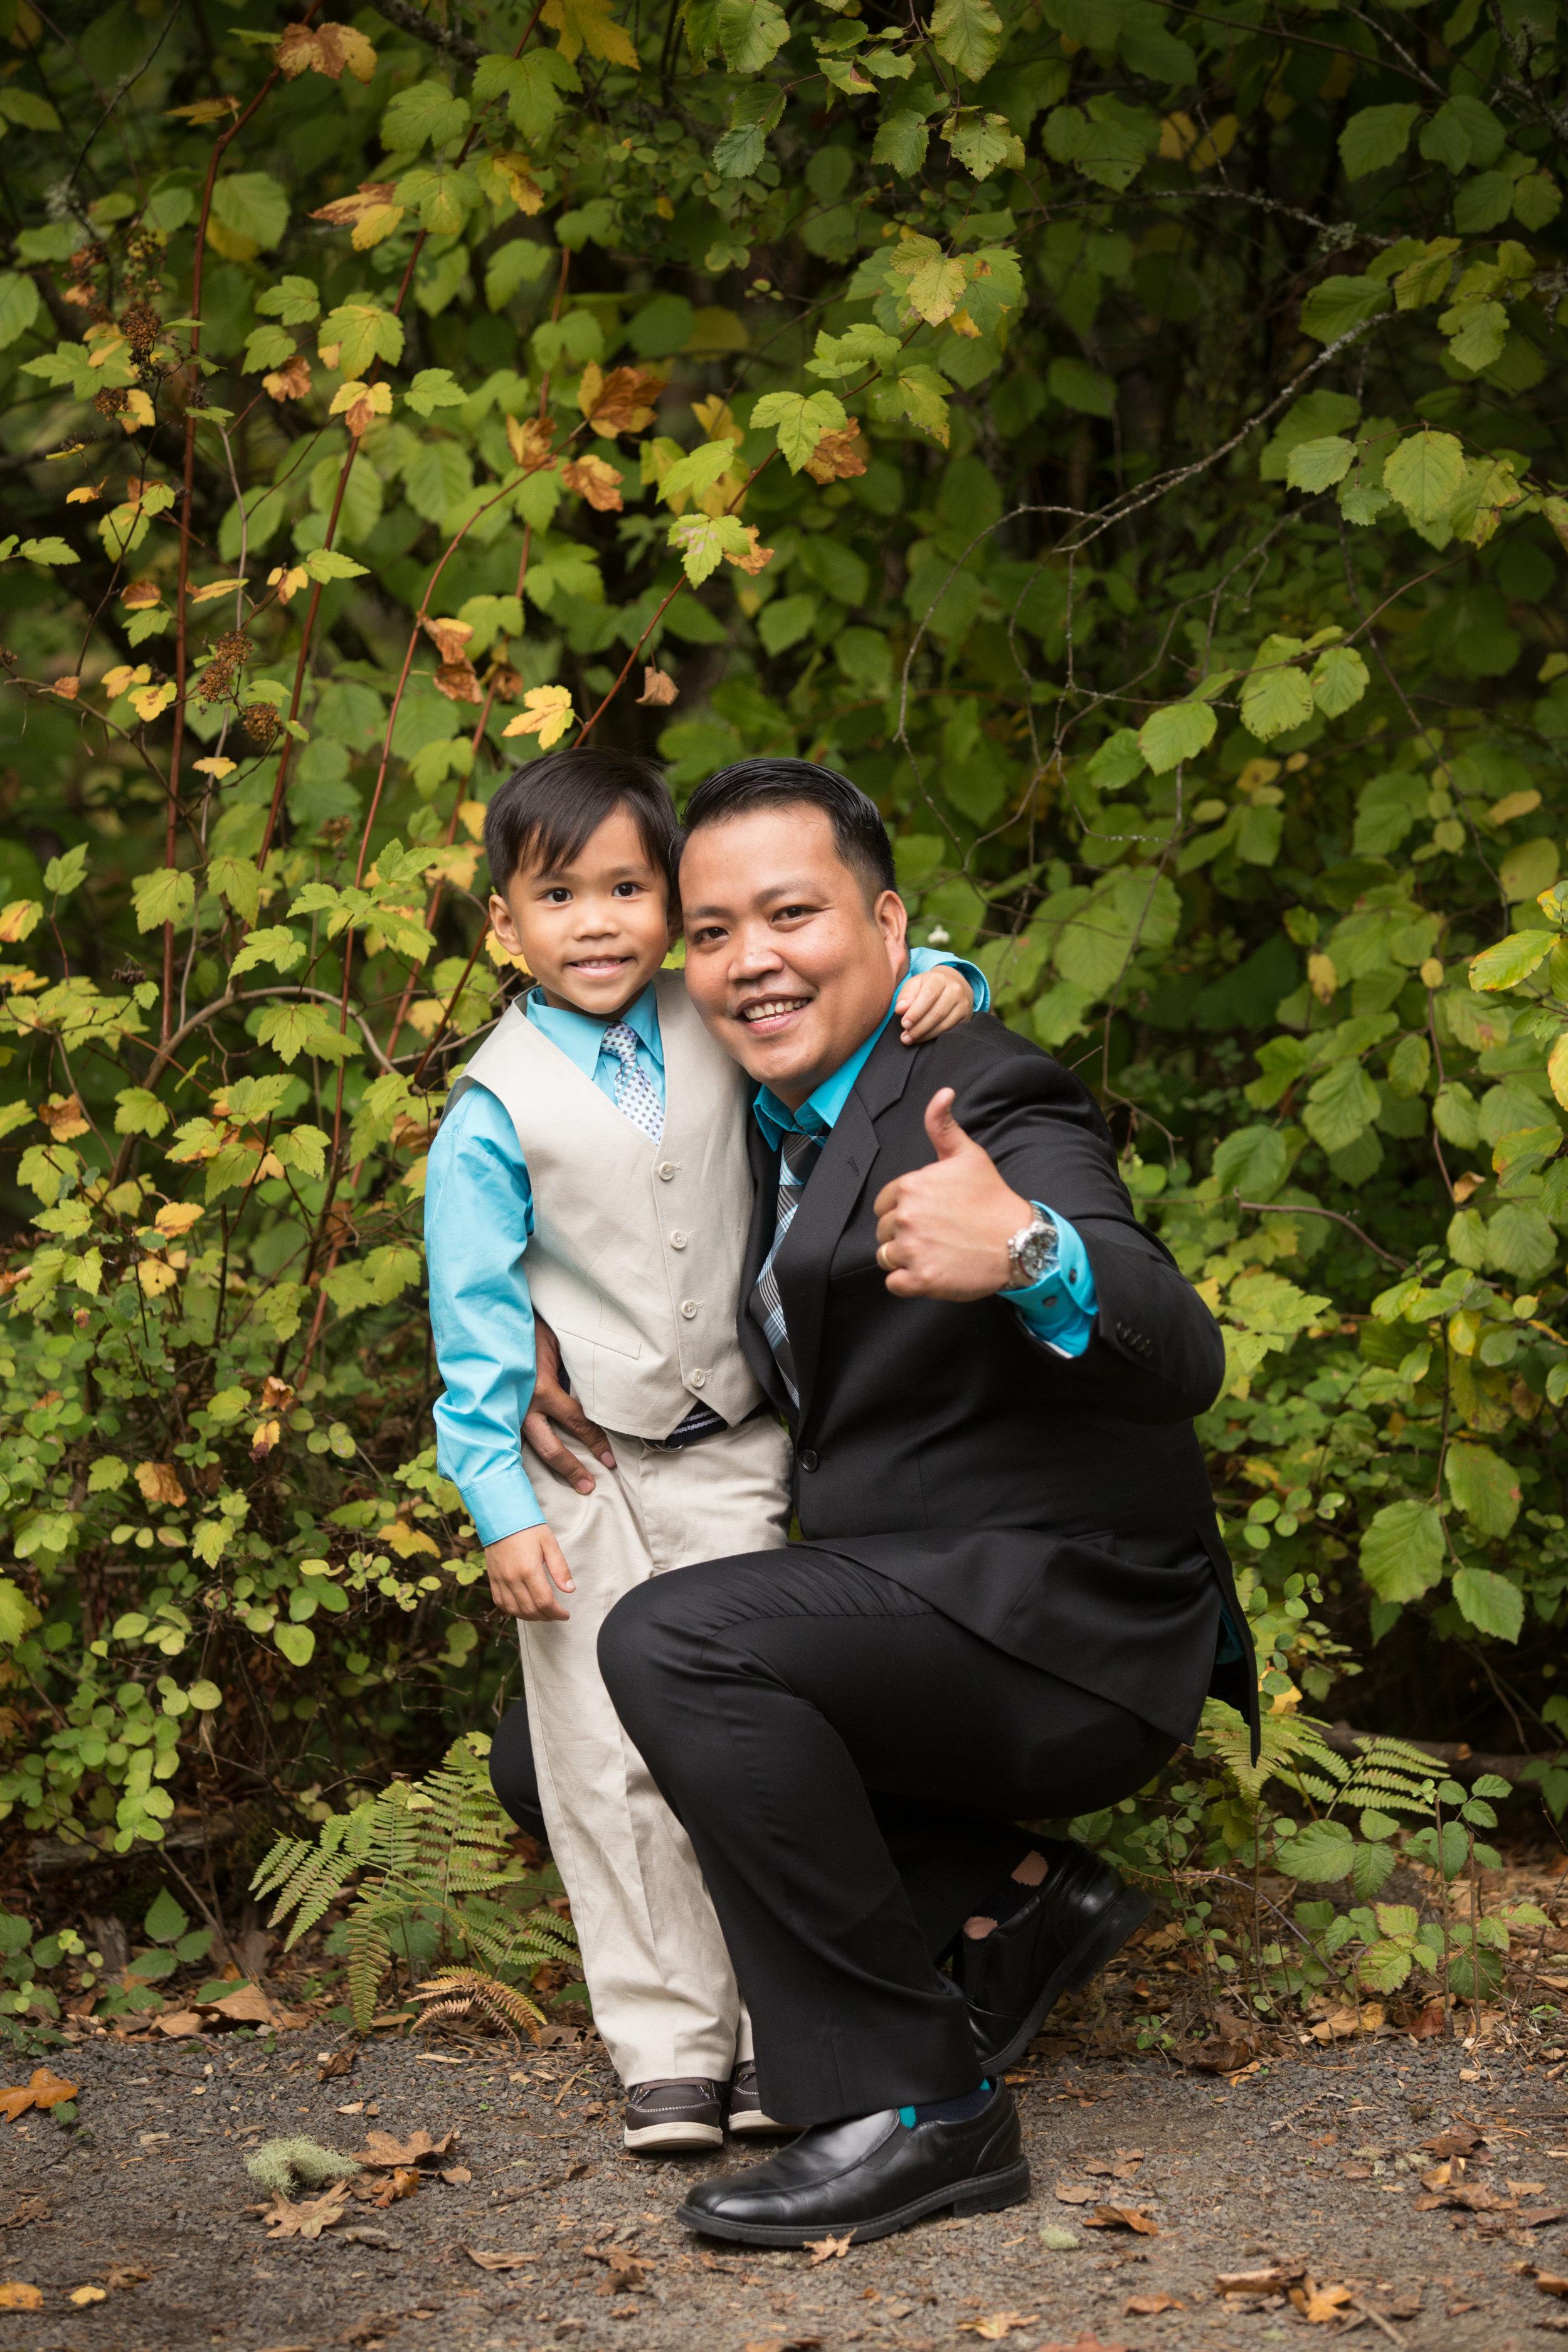 wedding_2015-10-17-60.jpg